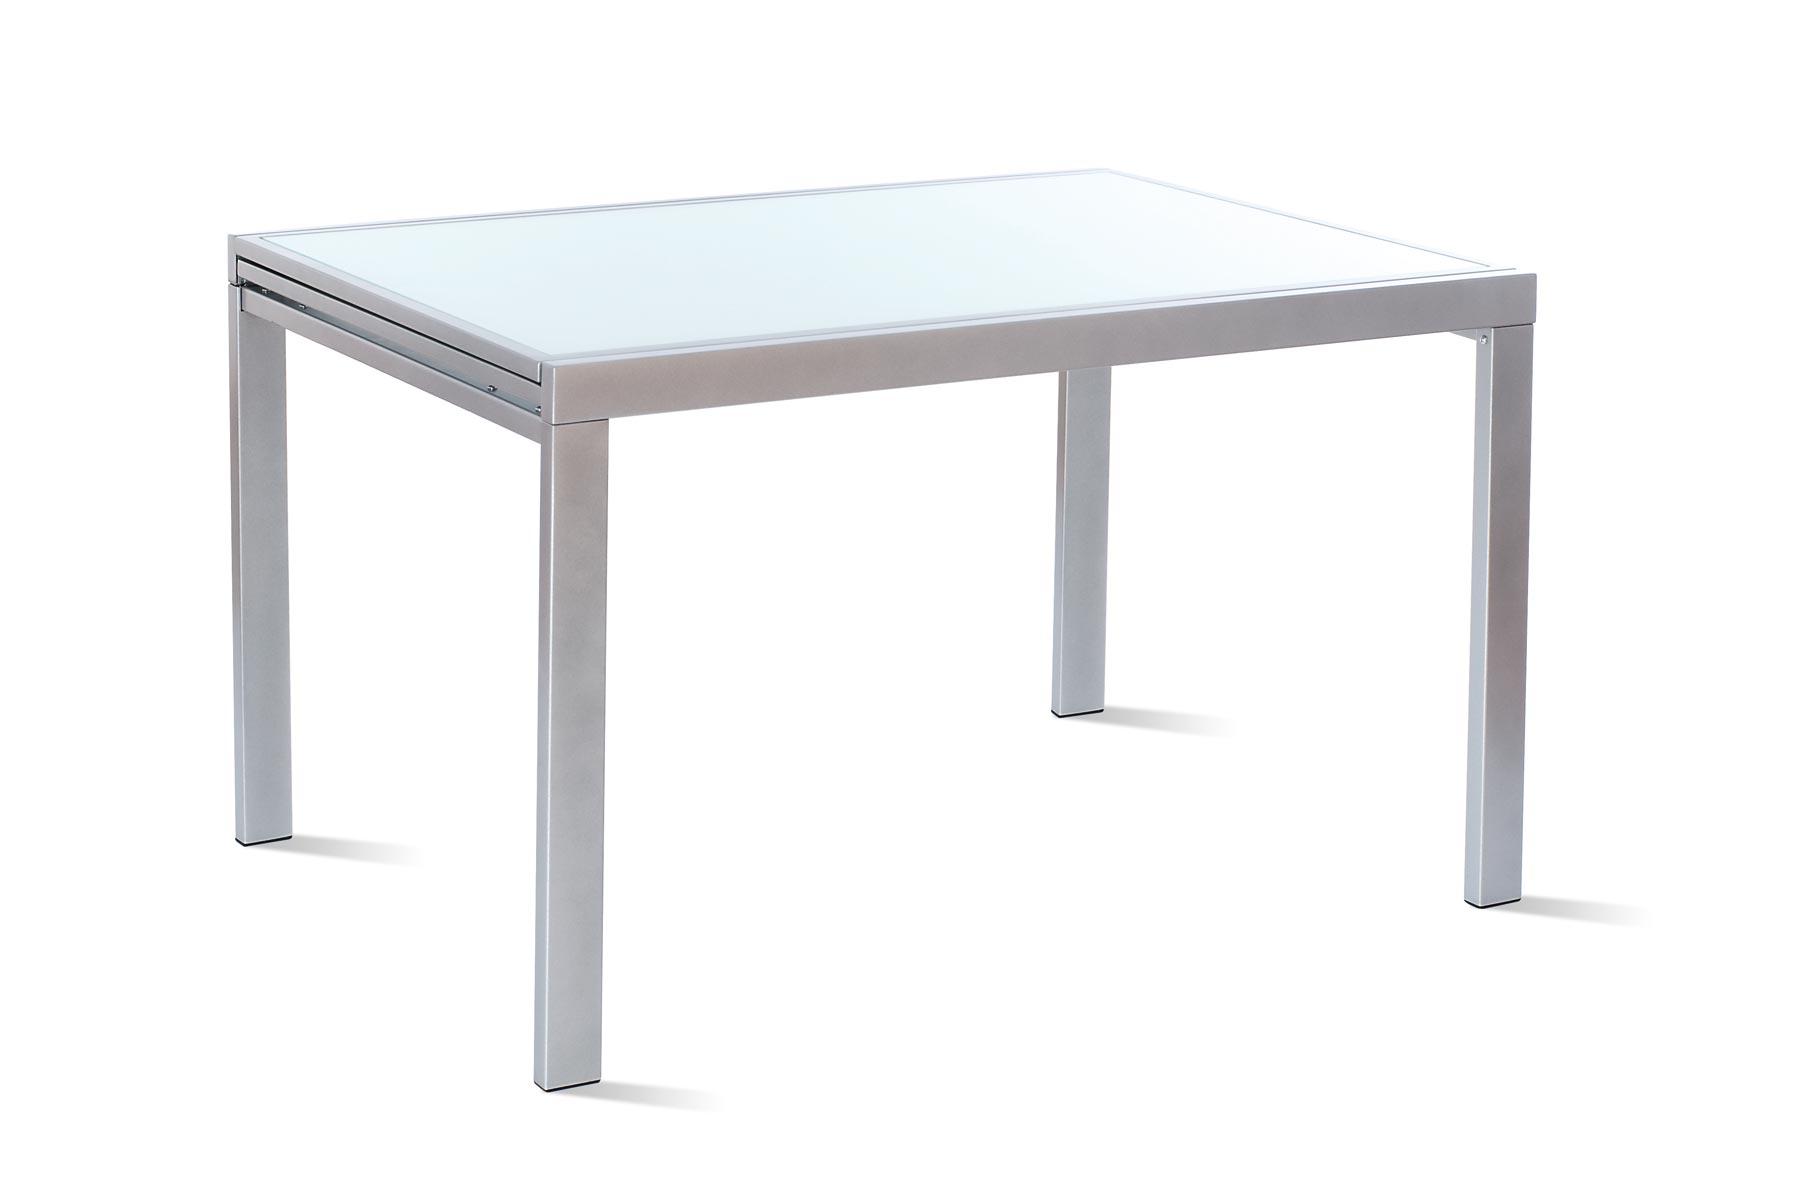 Mesa extensible cristal templado mesas de comedor muebles - Mesas cristal templado ...